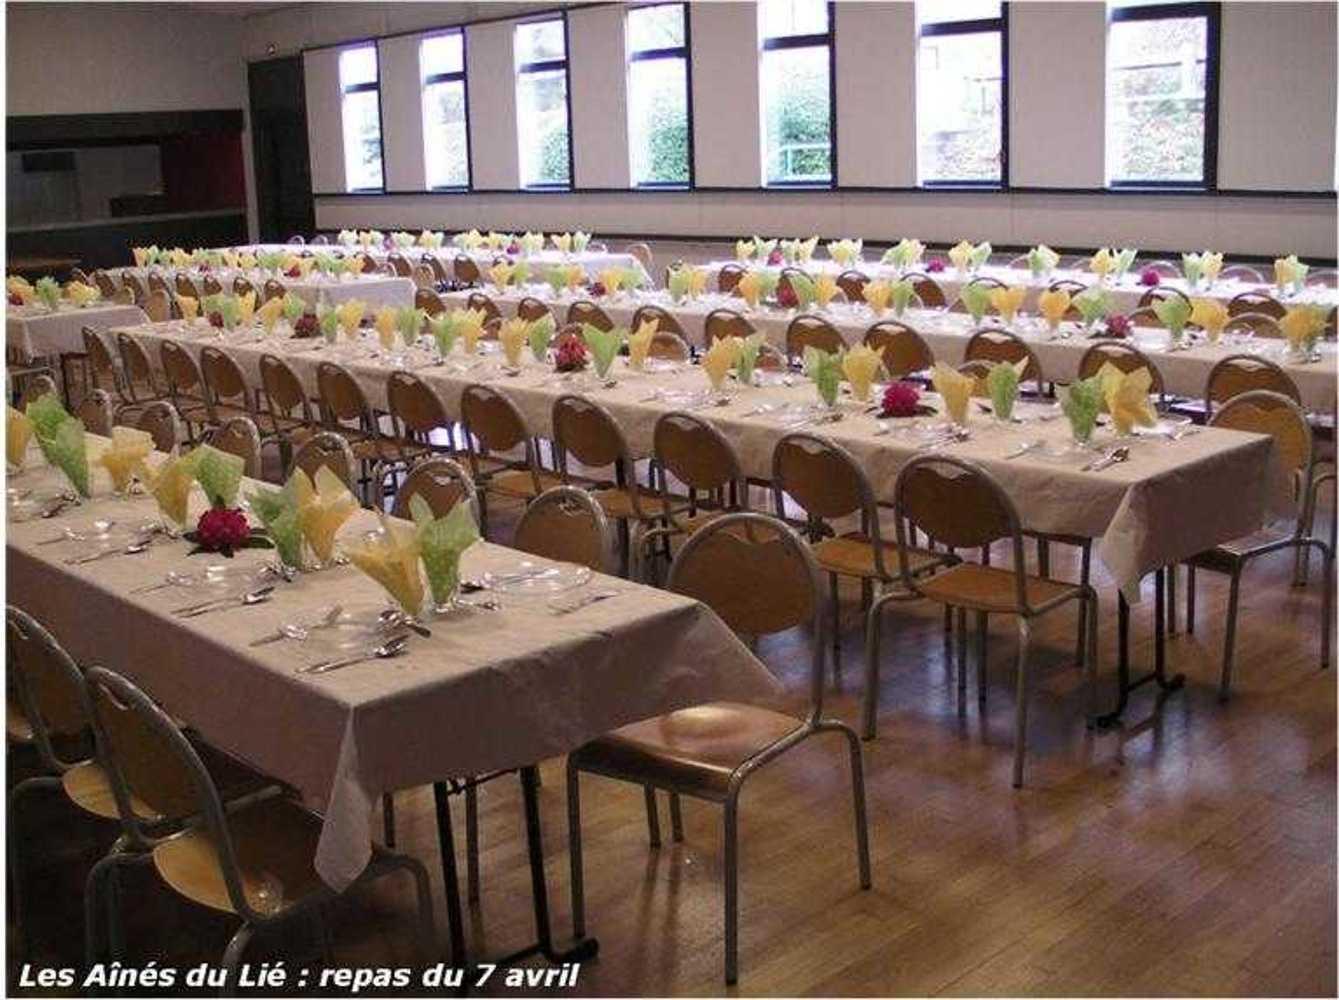 Les Aînés du Lié : photos du repas langue de boeuf image32